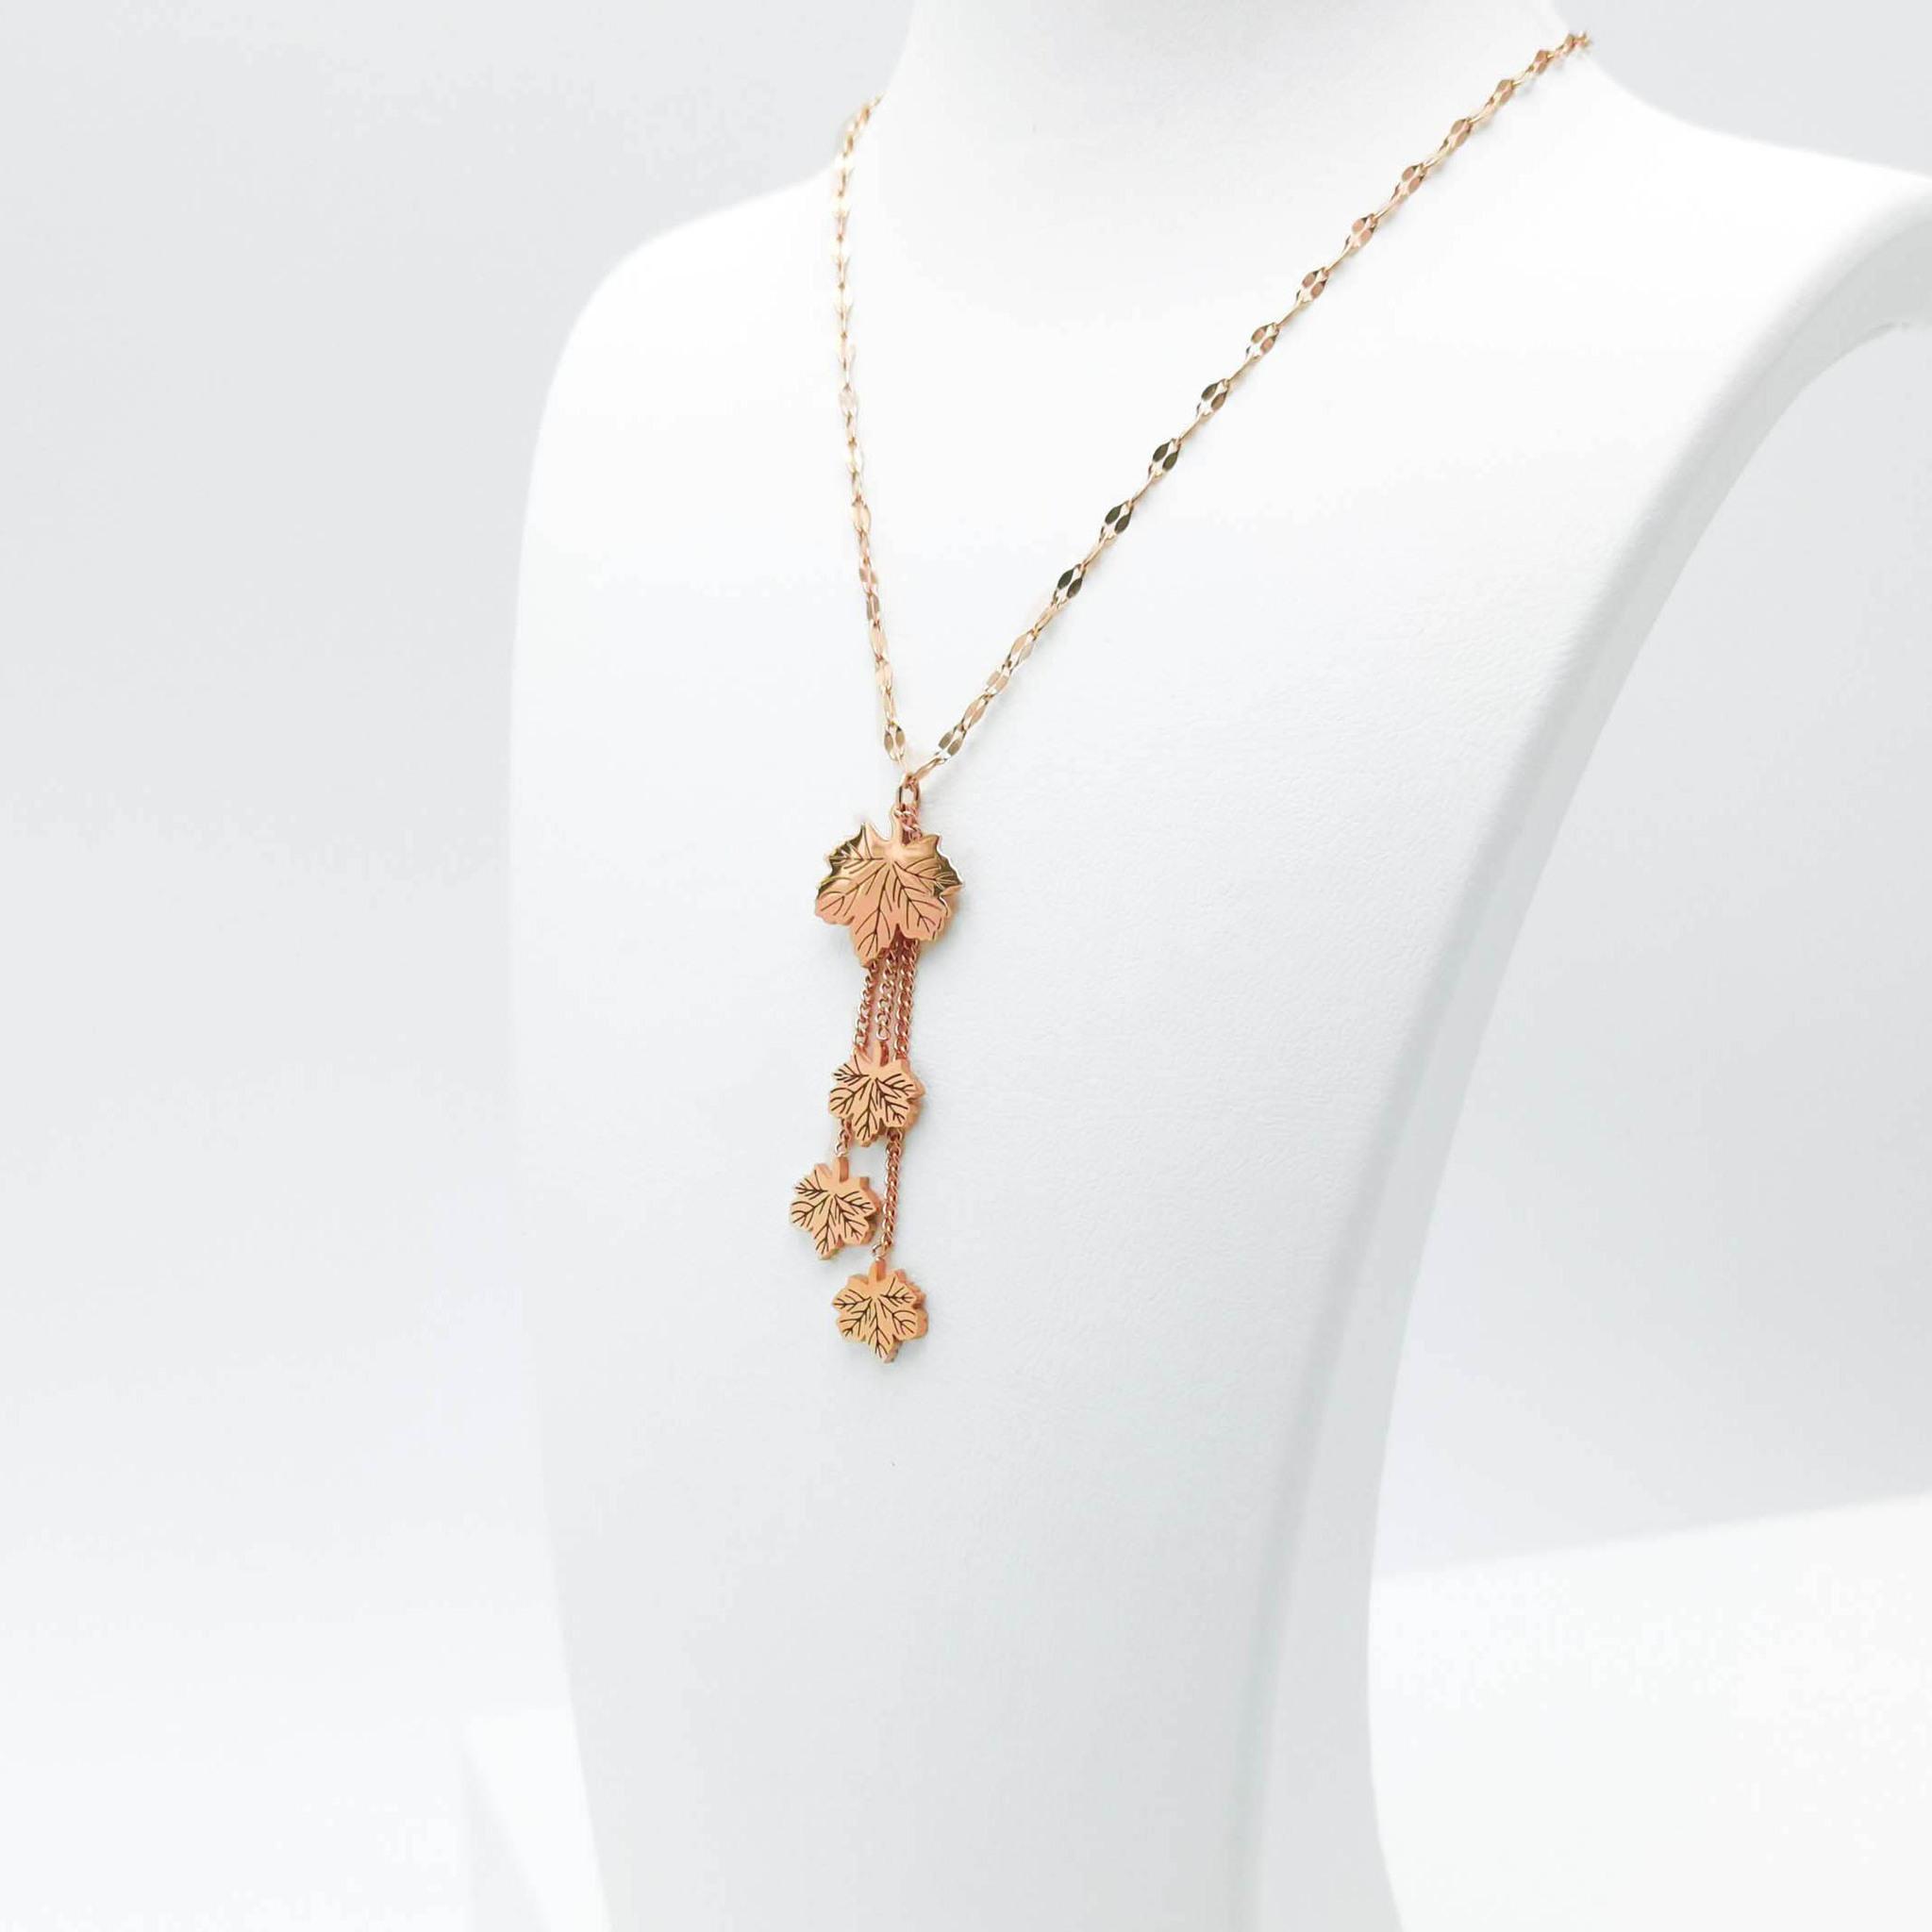 Lady Seasons bild 2 Dam halsband. Modern, stilren och exklusive Smycke.